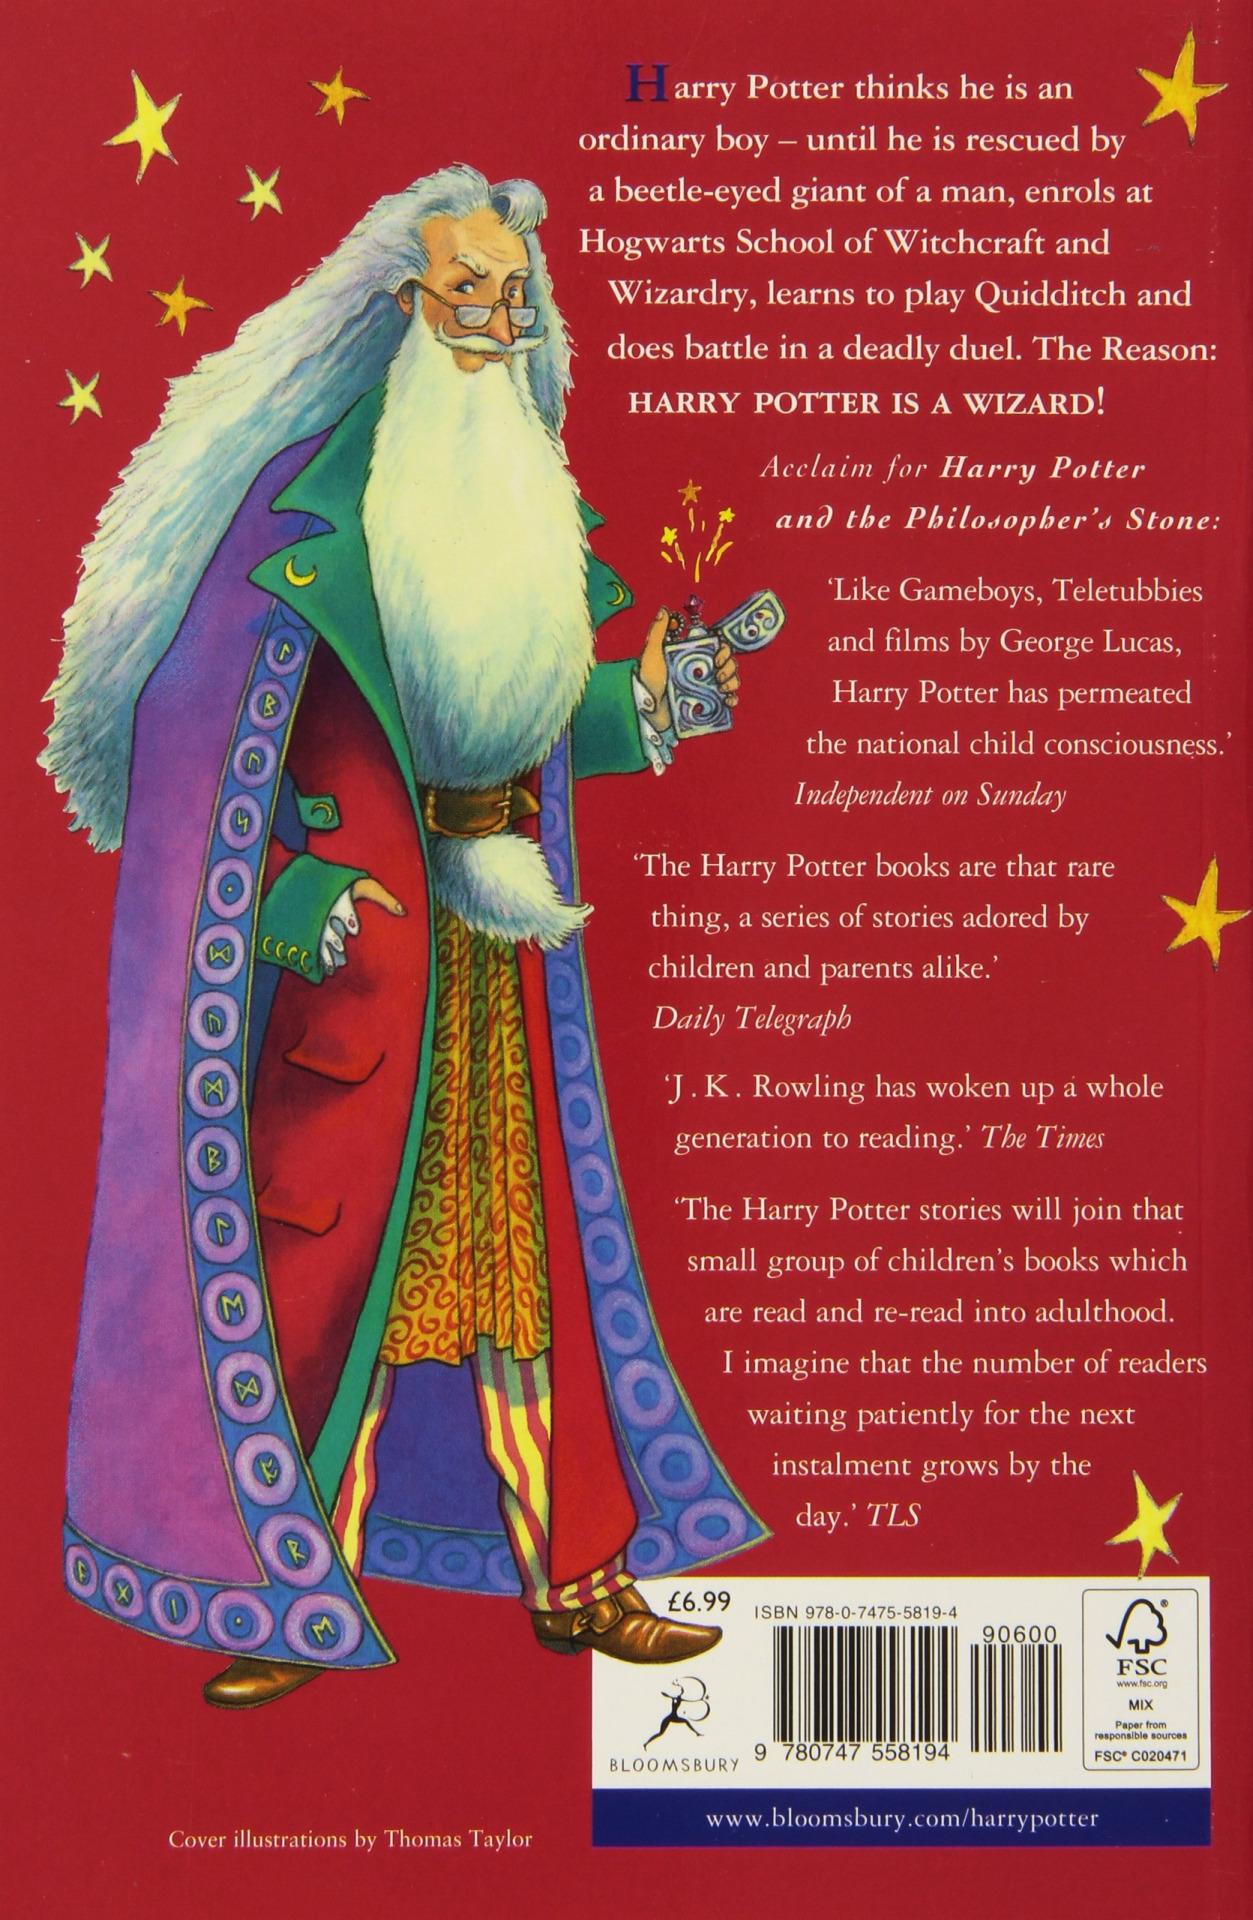 Harry Potter Plotholes What Albus Dumbledore